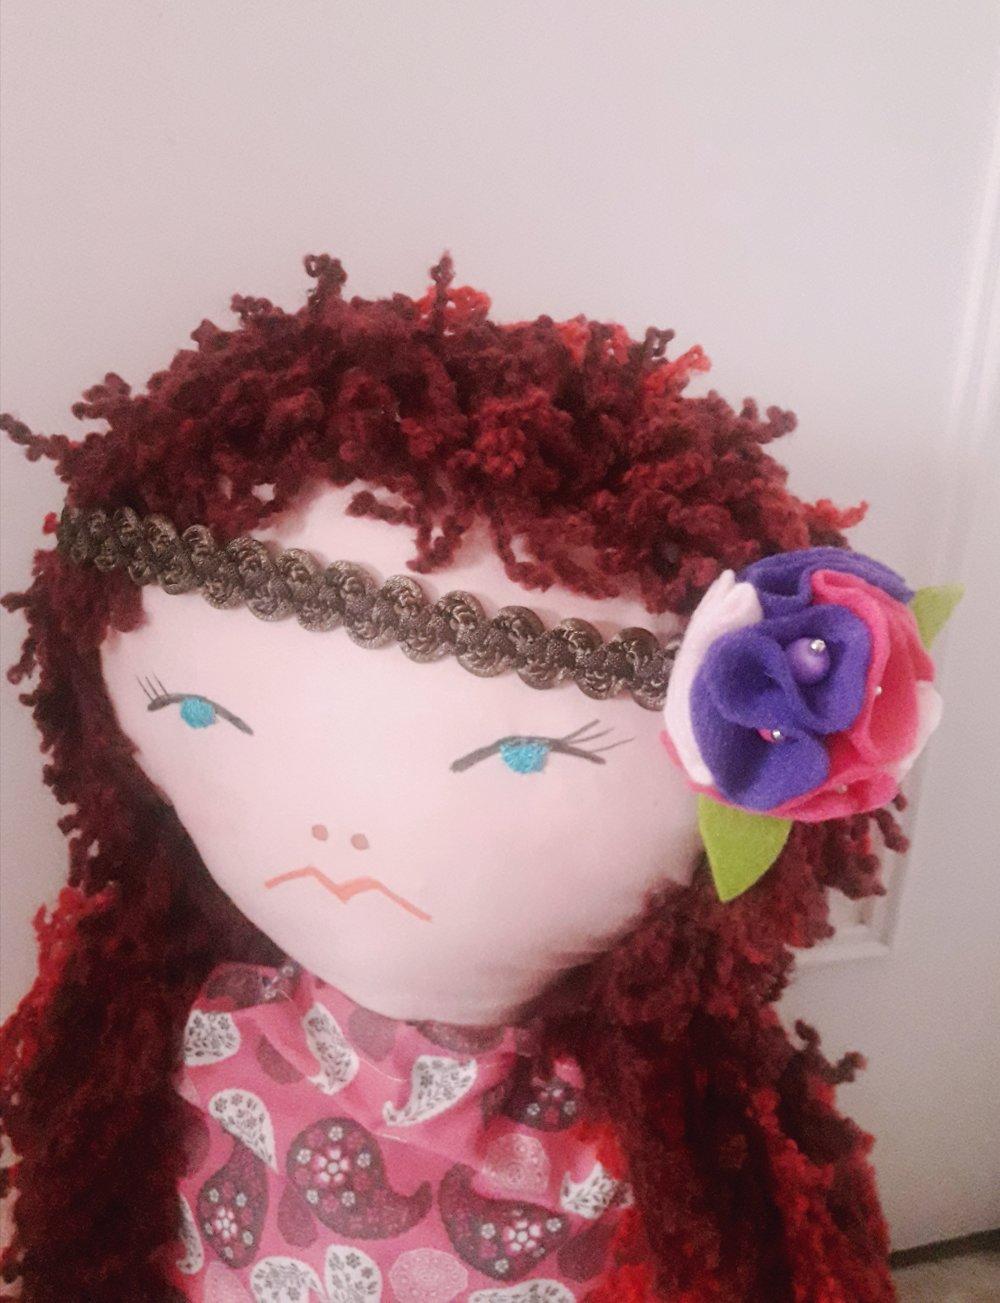 Serre-tête/head band/ fleur en feutrine/galon de passementerie/rose fuchsia violet